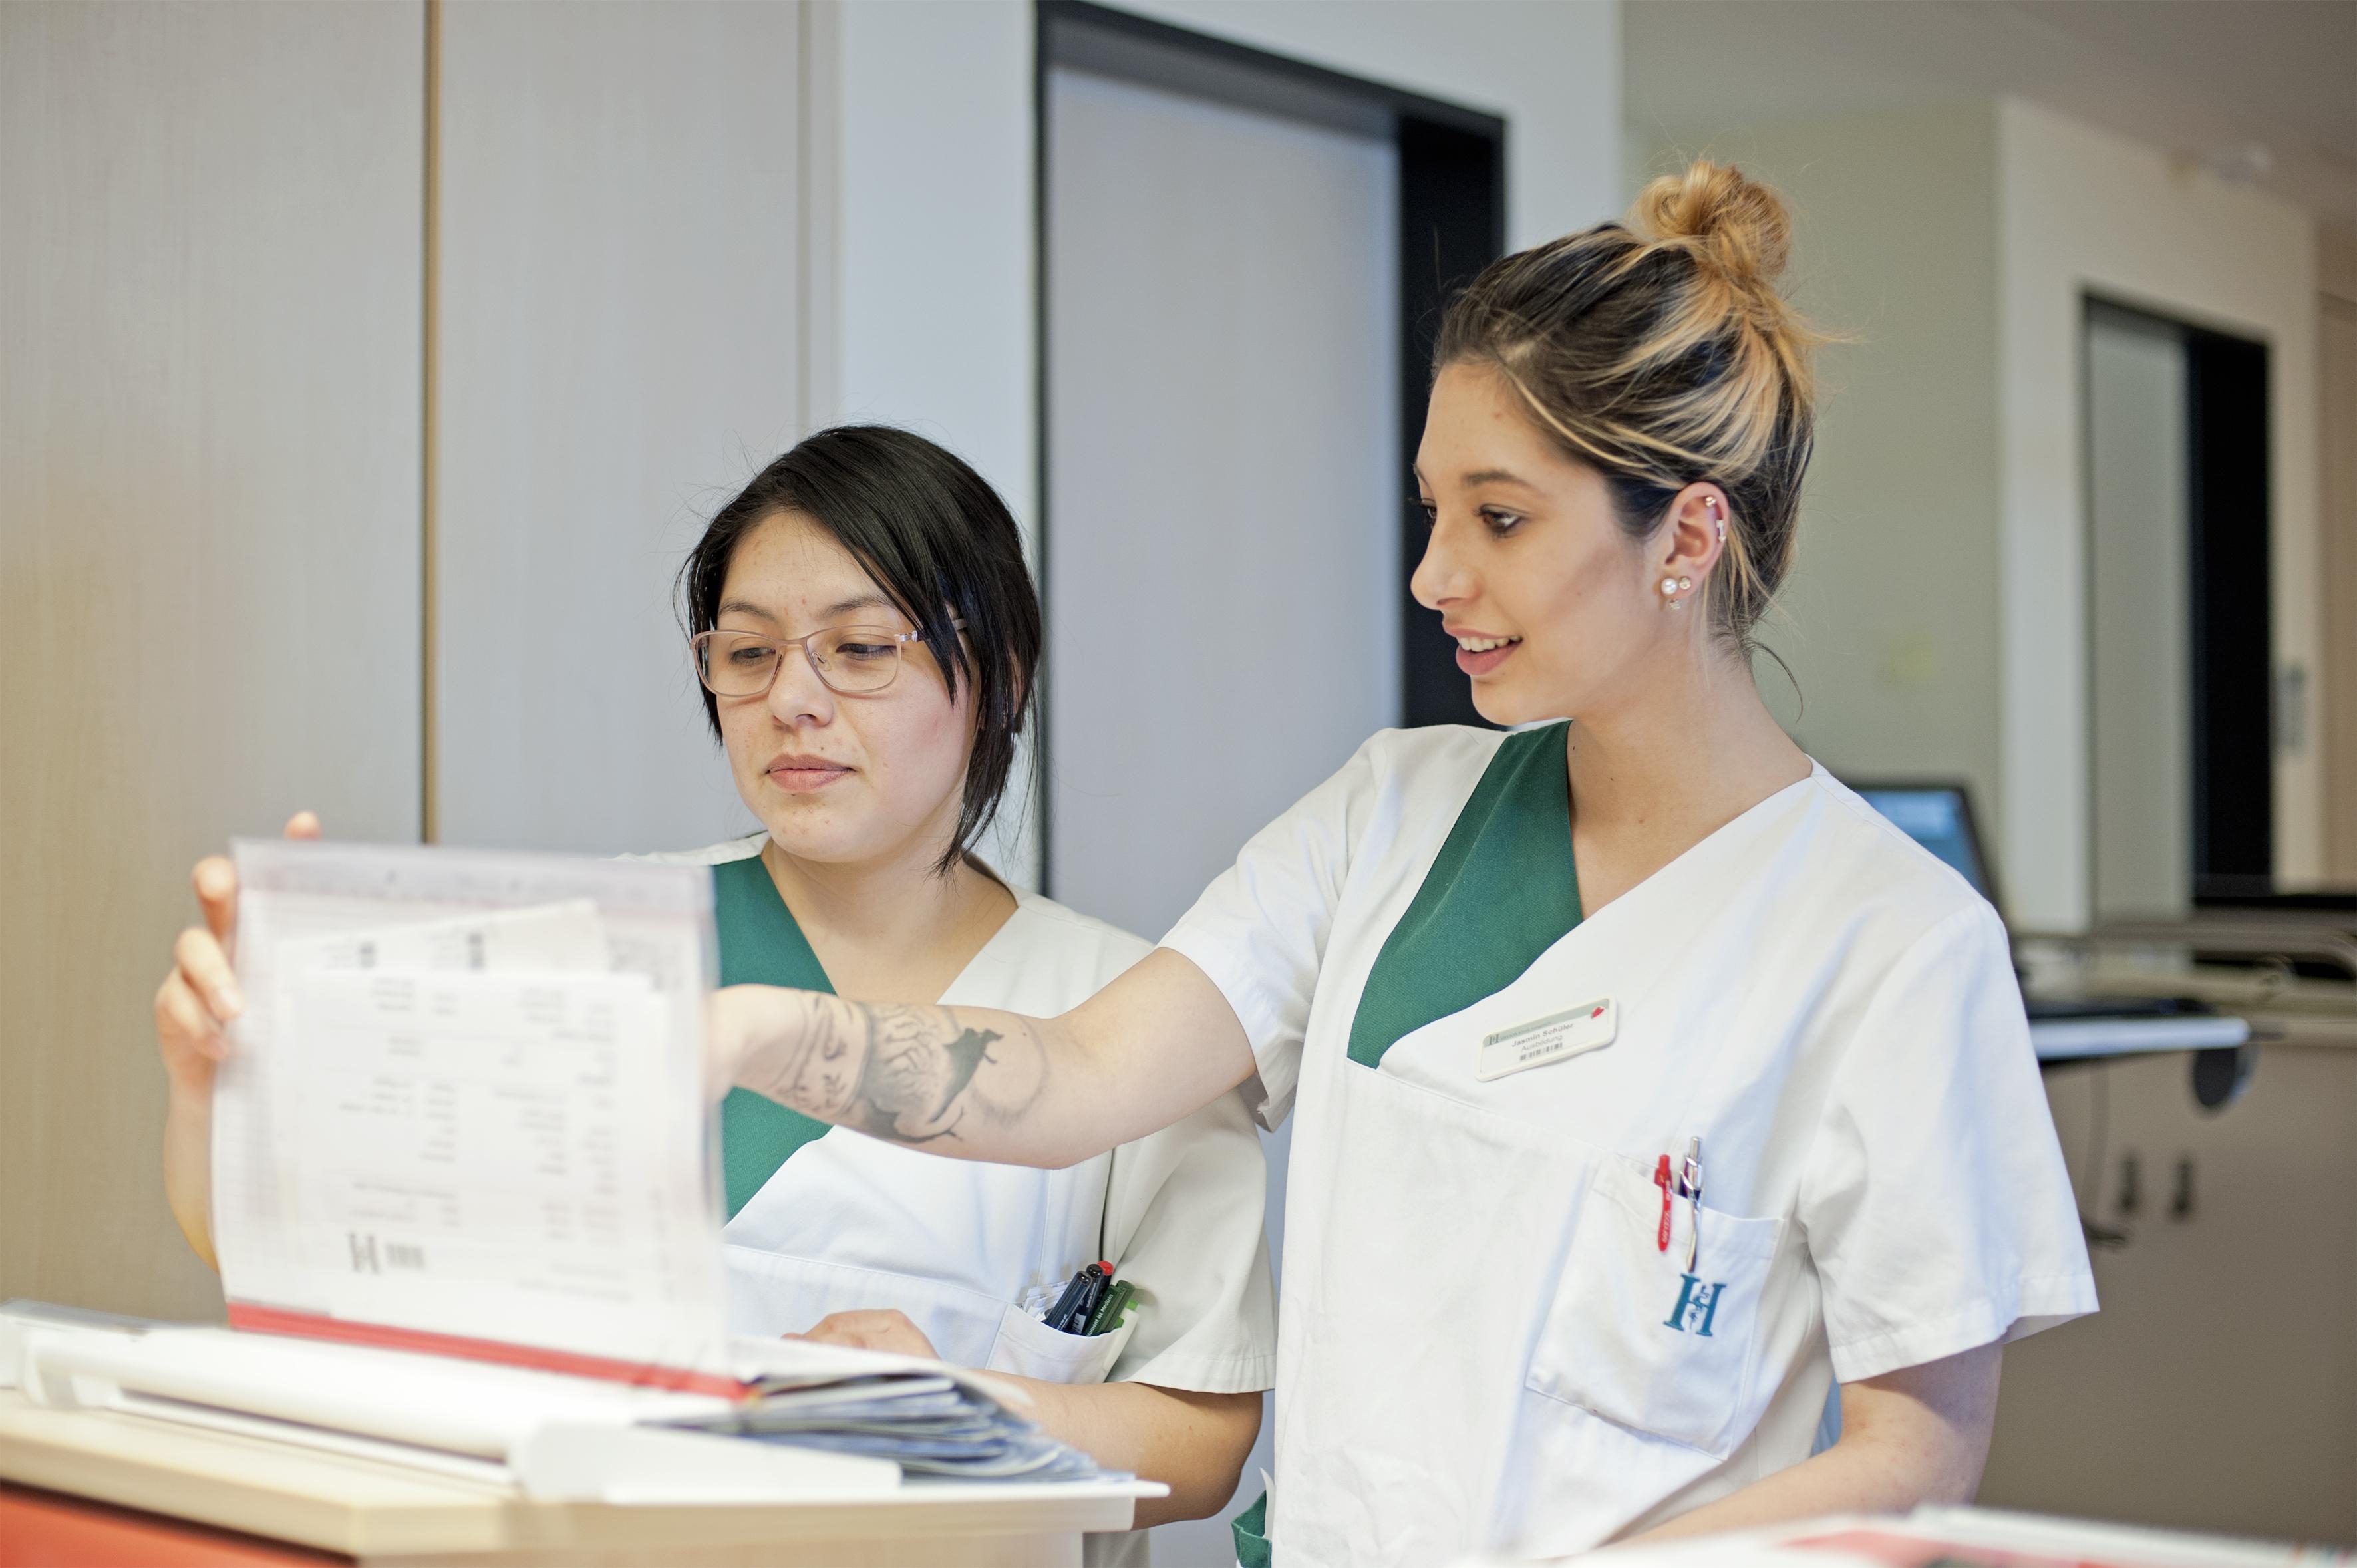 Erfreut Neonatale Krankenschwester Wieder Aufnehmen Zeitgenössisch ...